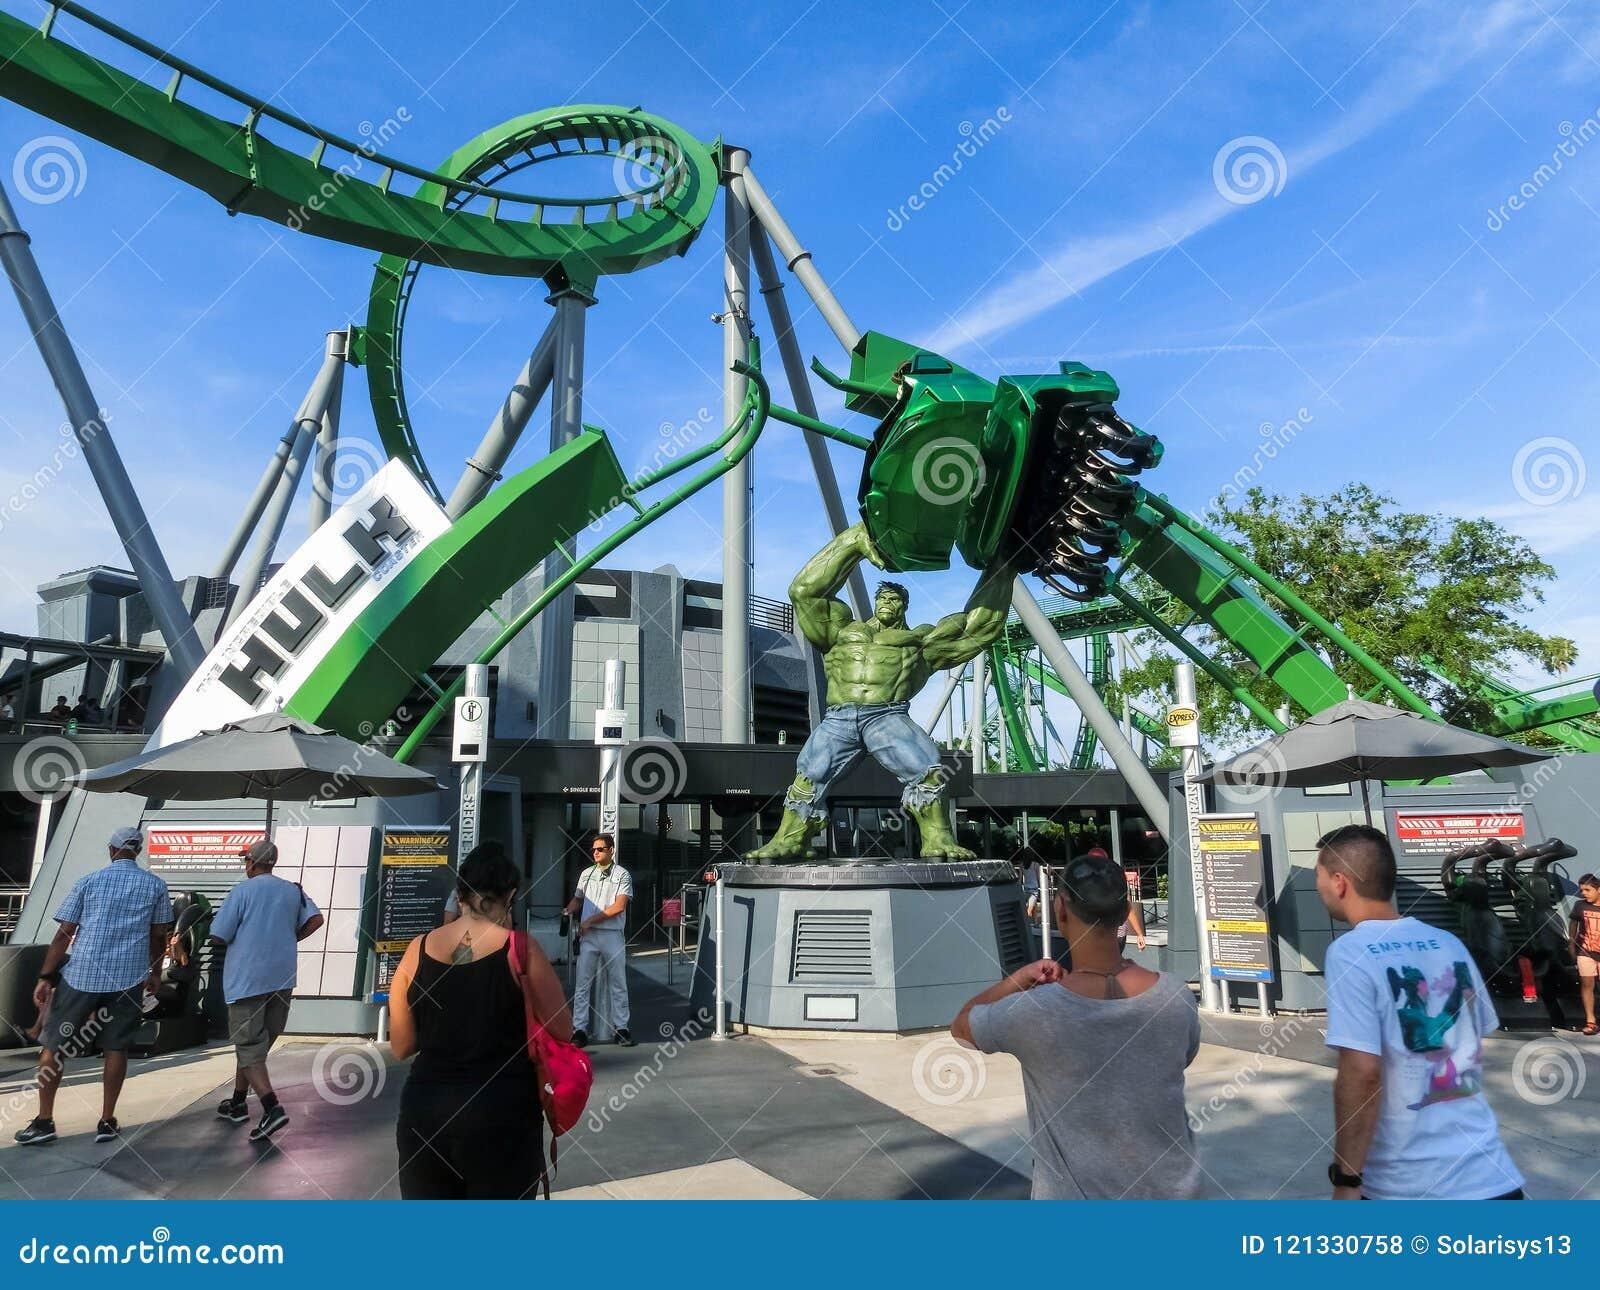 orlando florida usa may 10 2018 incredible hulk coaster in